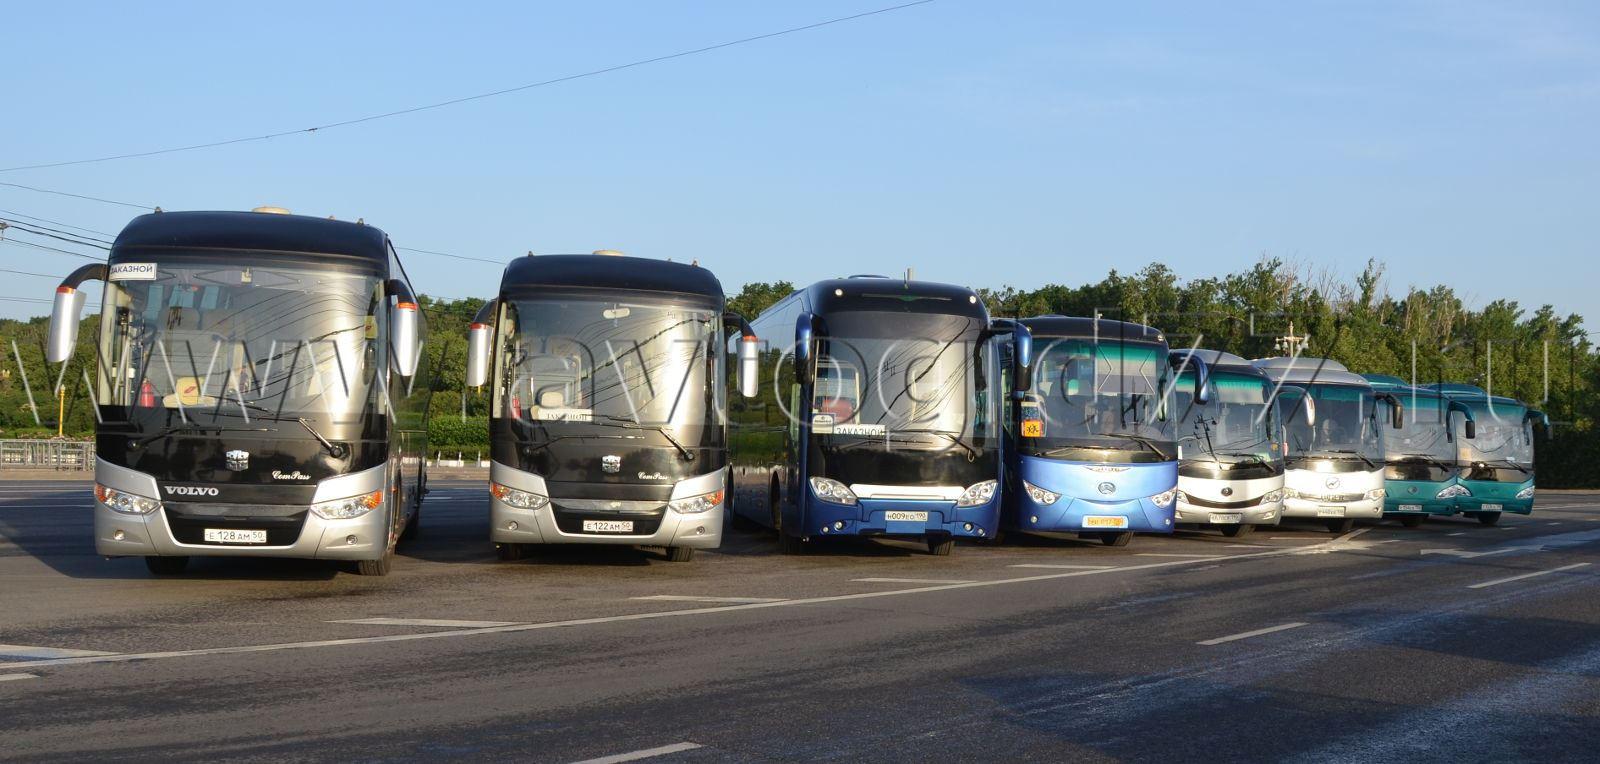 Автобусные рейсы из крыма в москву, тулу, воронеж, белгород, краснодар